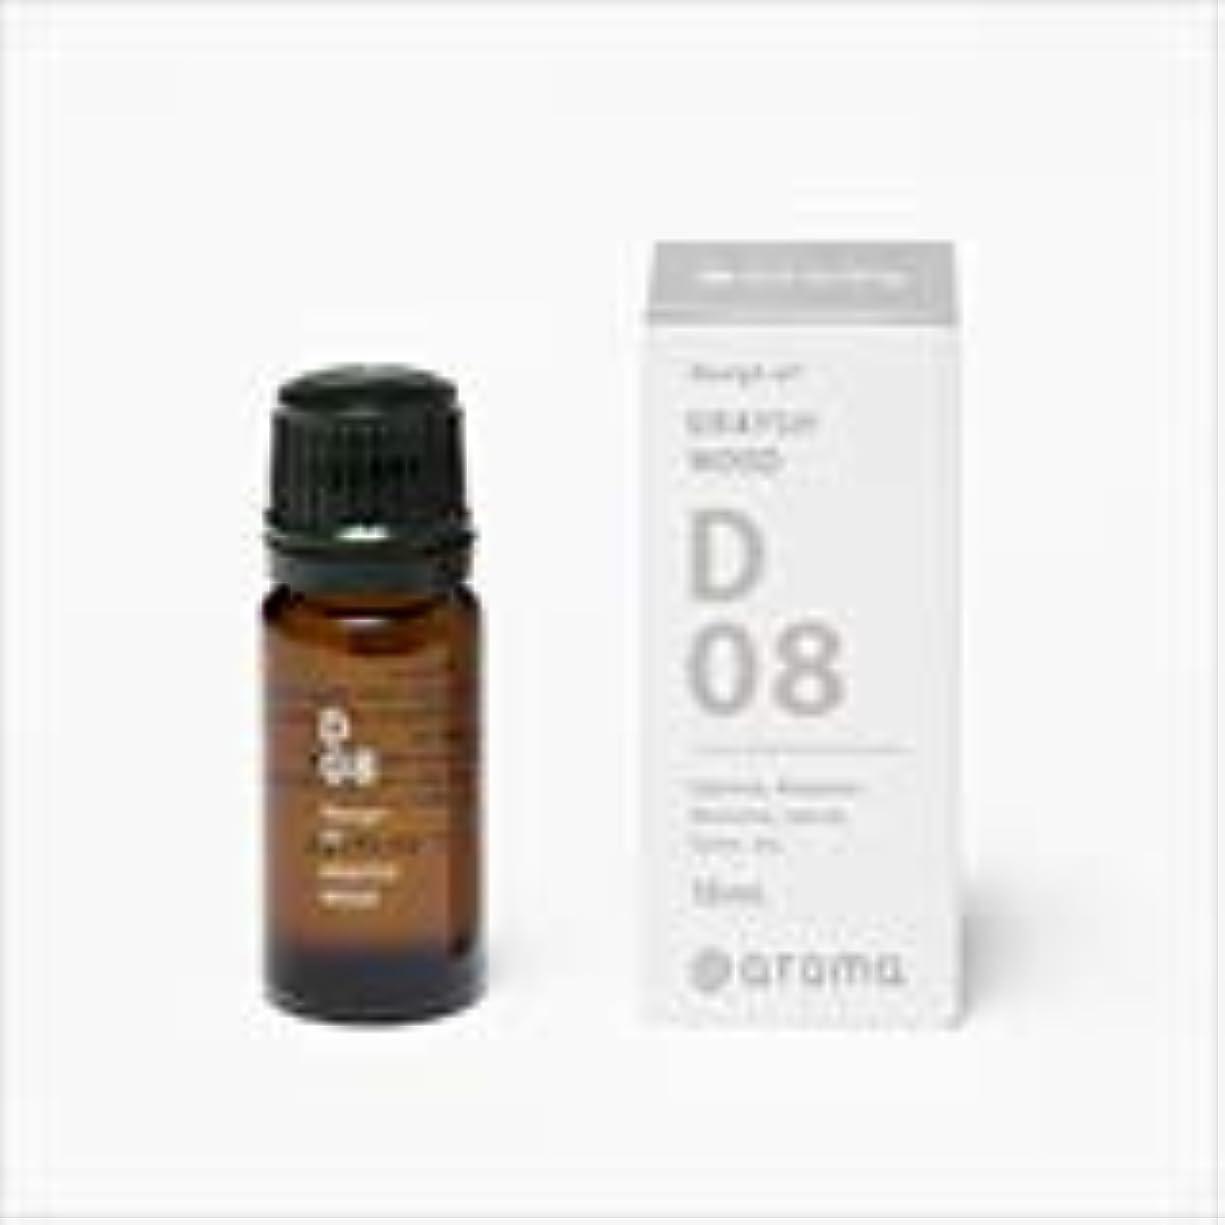 アットアロマ 100%pure essential oil <Design air オーシャンクルーズ>